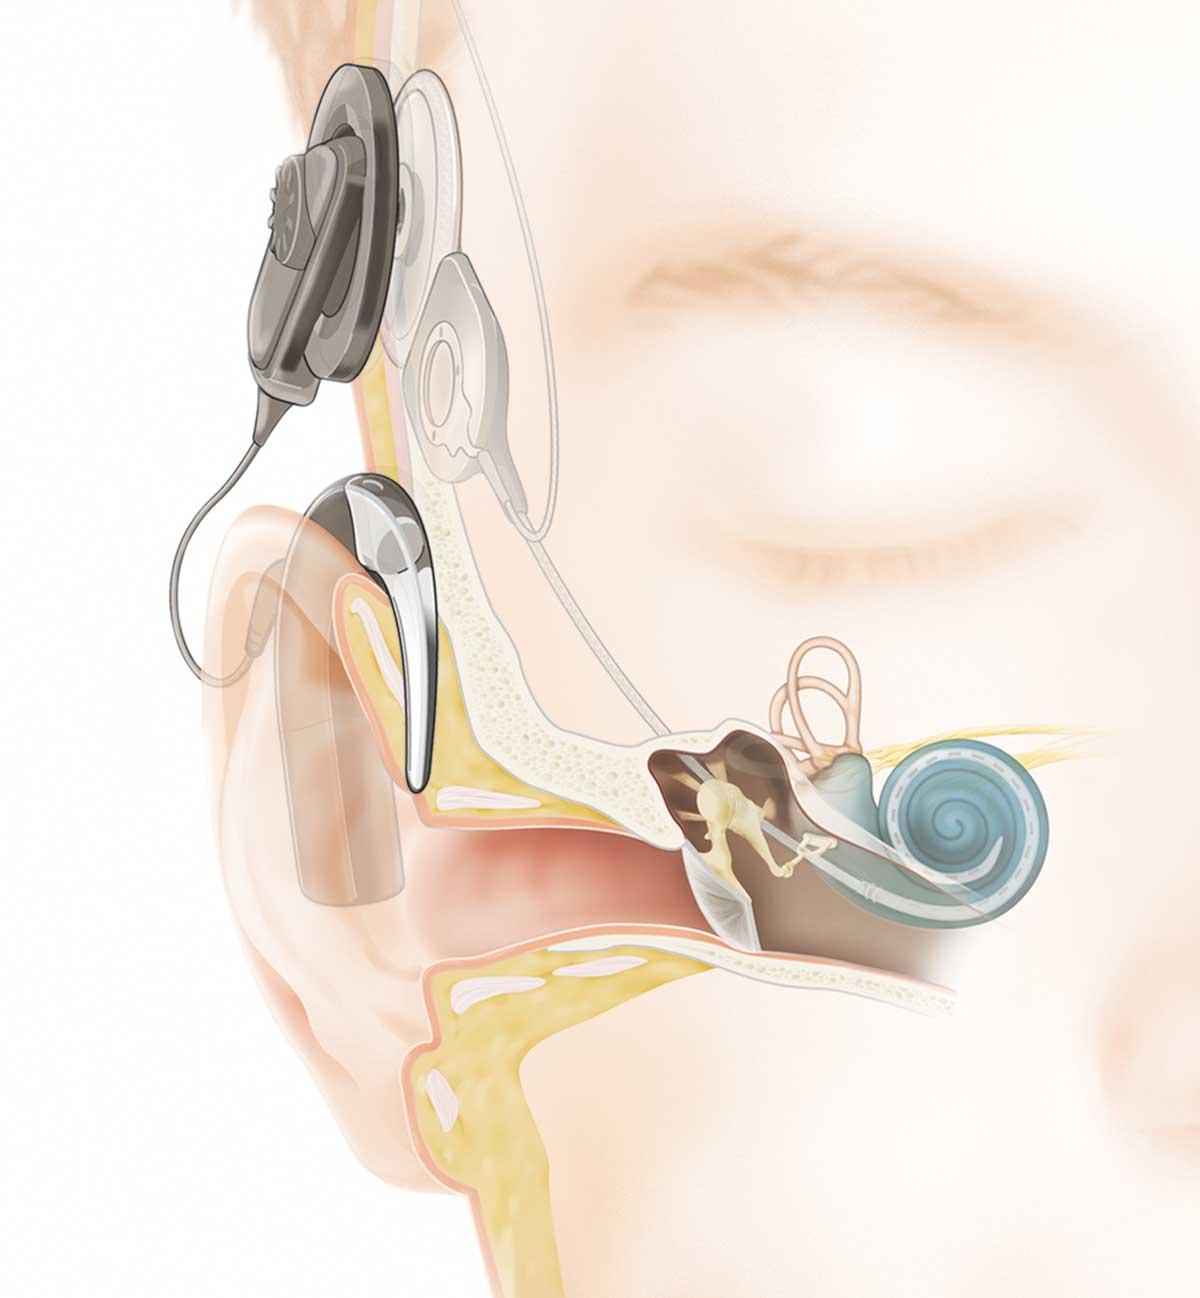 Ein Cochlea Implantat wird dann empfohlen, wenn über das Hörimplantat ein besseres Hören als mit konventionellem Hörgerät erzielt werden kann. Illustration: Copyright Cochlear Limited